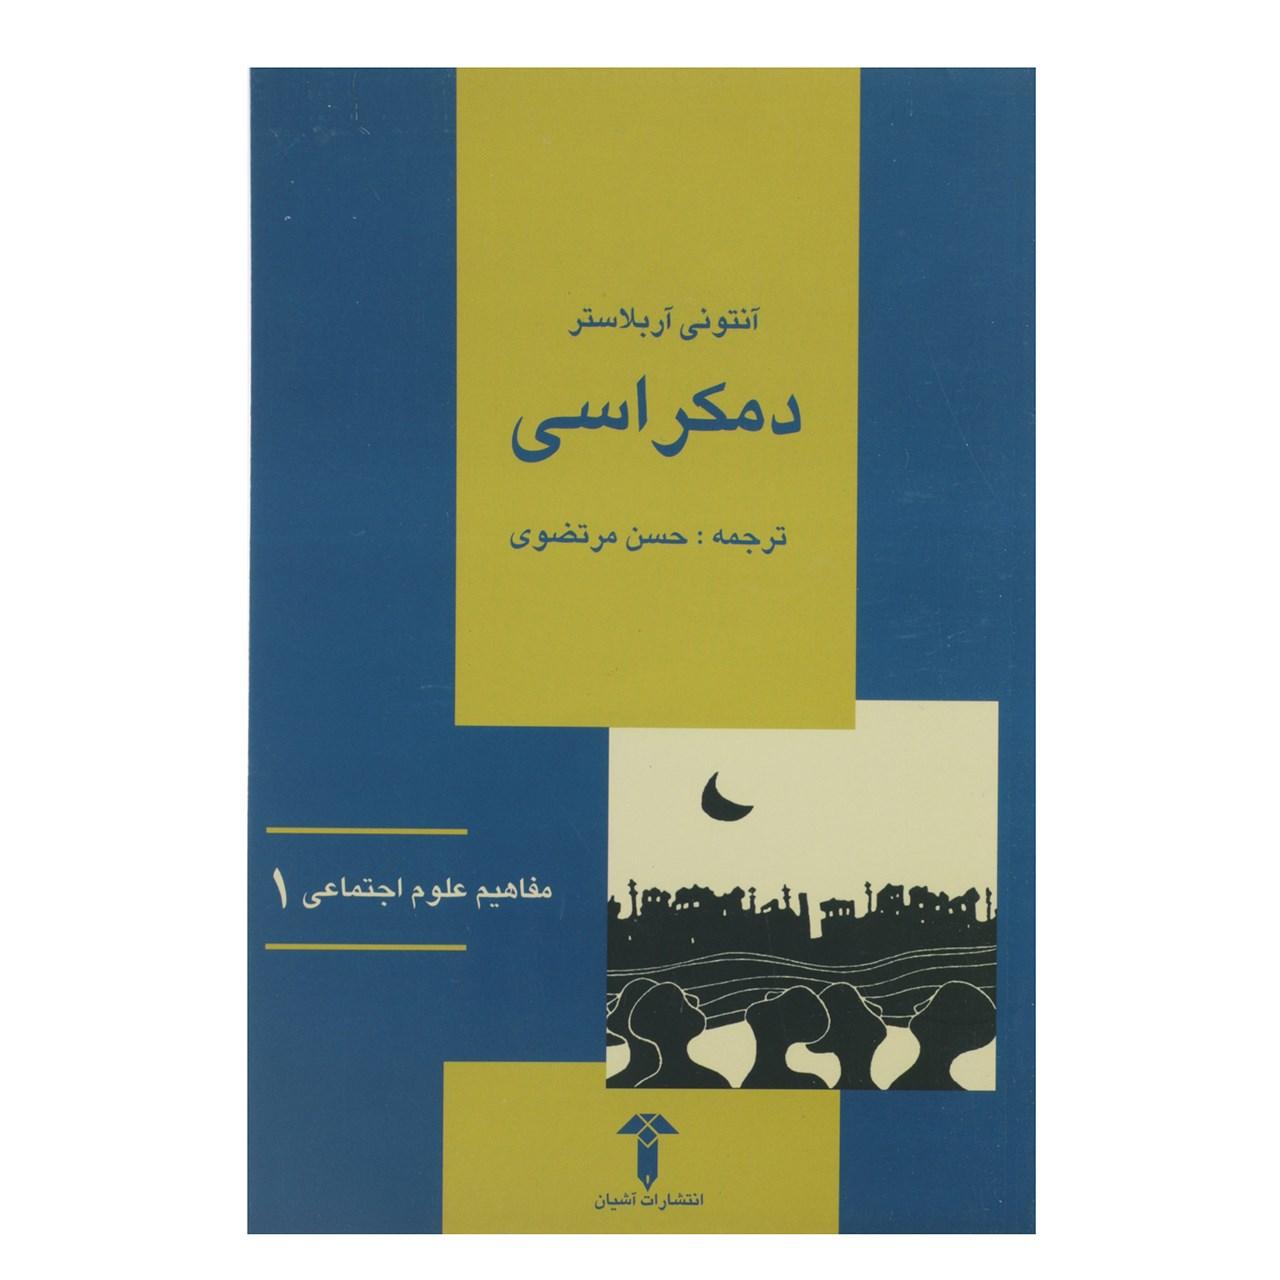 کتاب دمکراسی اثر آنتونی آربلاستر